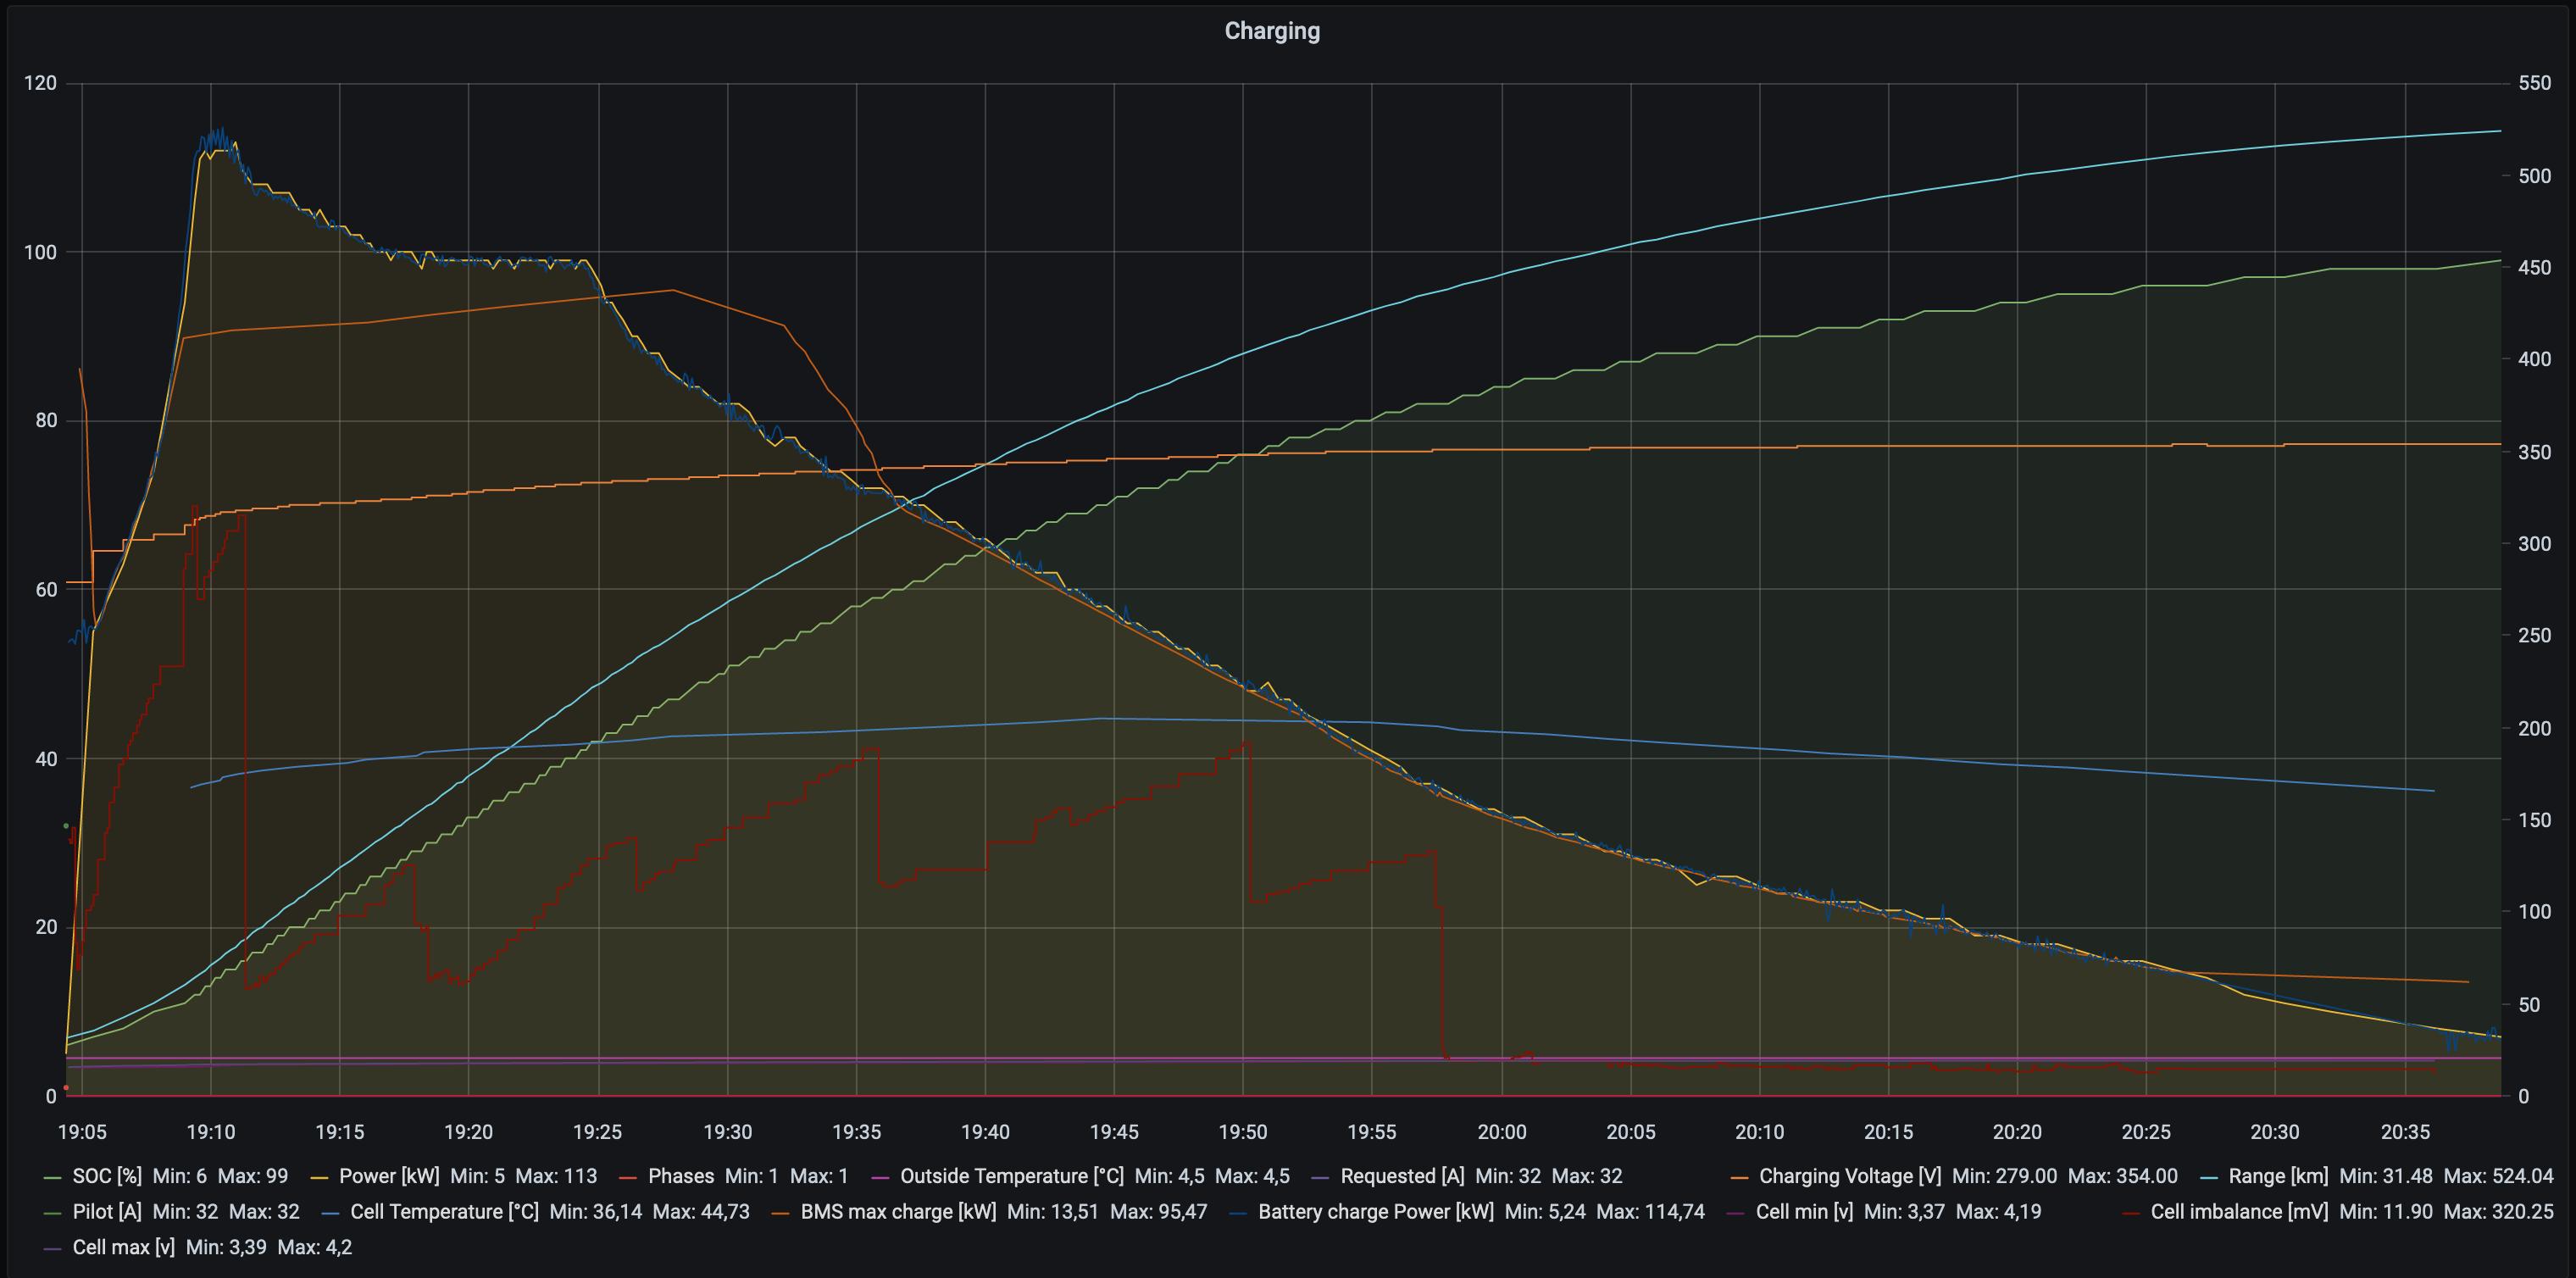 4930-Sk%C3%A6rmbillede%202021-02-28%20kl.%2021.34.35.png